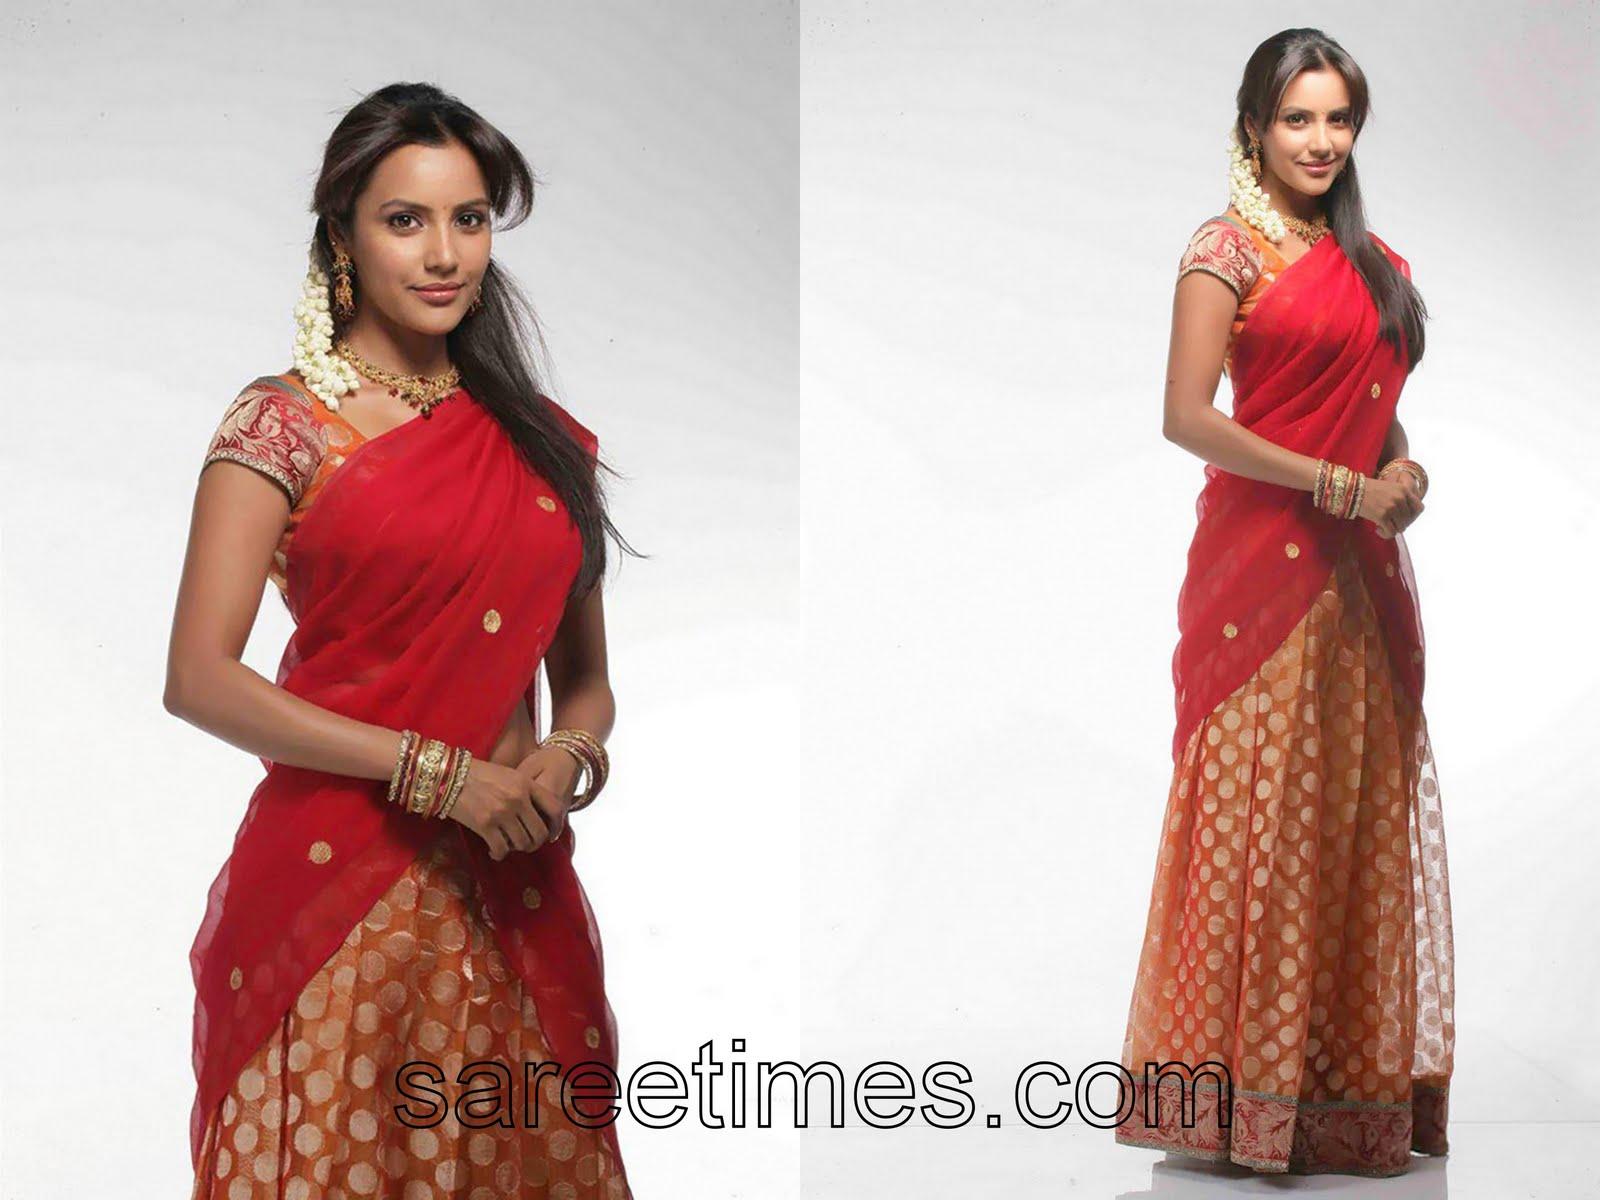 http://3.bp.blogspot.com/_58_qEOwiSDY/TDPlT6-KYGI/AAAAAAAADPc/jSmUOuF7Geo/s1600/Priya-Anand-Designer-Half-Sari.jpg